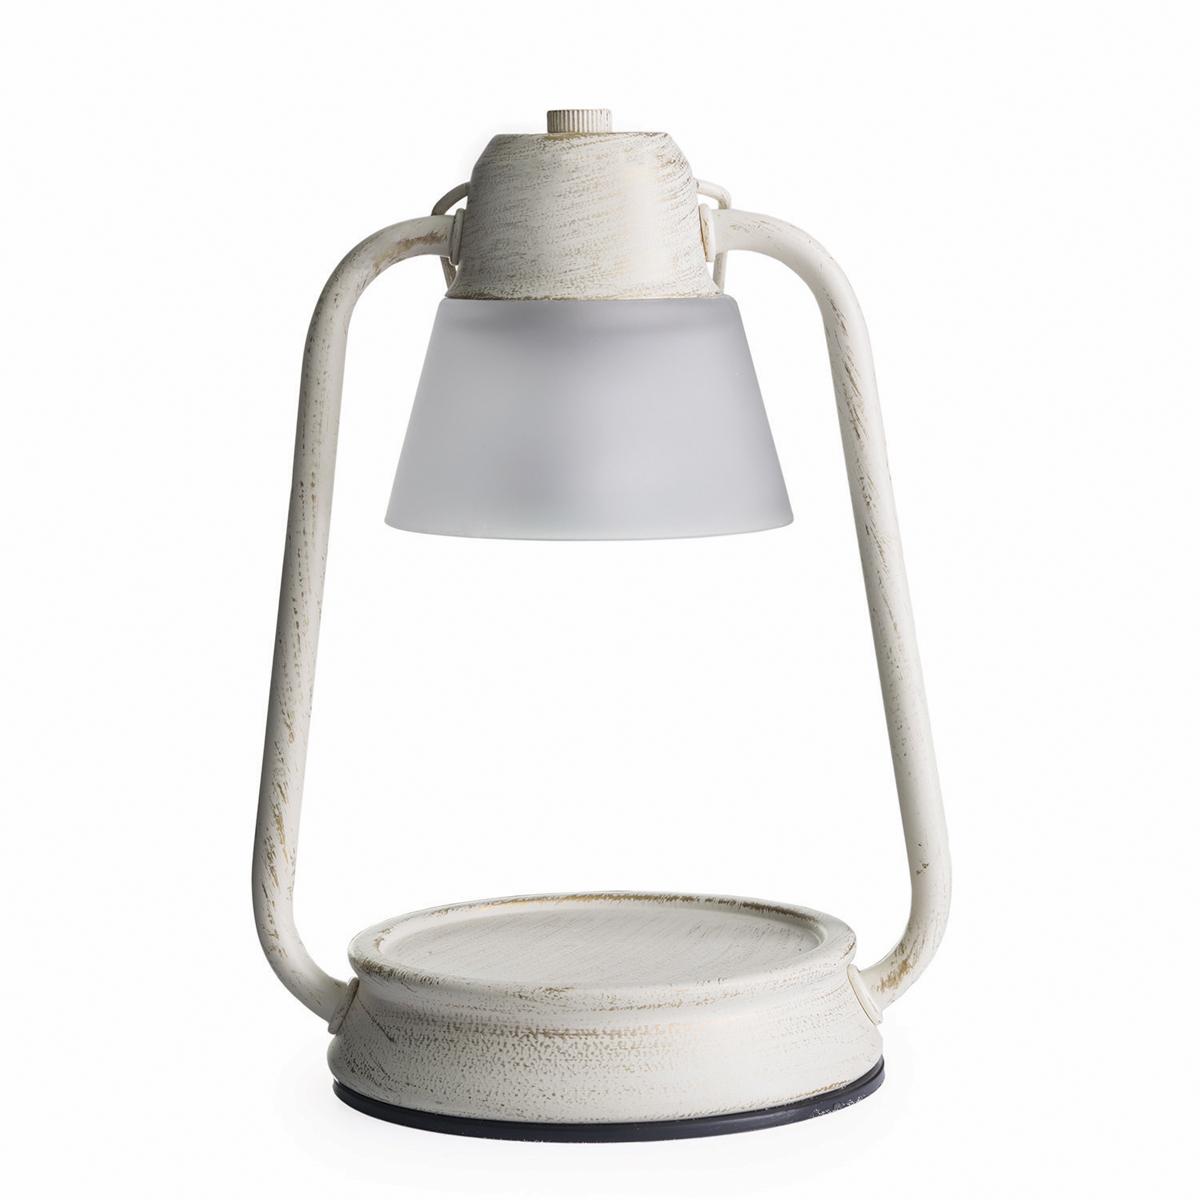 Аромалампа Candle Warmers Beacon, цвет: бежевыйBLBC--GПредставляем Вашему вниманию лаконичный дизайн и узнаваемый стиль ламп и фонарей от Candle Warmers в современном и классическом стиле.Используйте их для освещения комнаты, декора, а также для ароматизации помещения. Поместите под лампу свечу нужного размера, и наслаждайтесь любимым ароматом без зажигания свечи . Прекрасно подойдёт для безопасного использования без применения огня . Электрический маяк фонарь-матовое шампанское. При ослаблении аромата , жидкий воск можно вылить, и свеча зазвучит по новому.Подойдёт диаметр свечи 10 см, высота 8,5 см. Свеча на фото не поставляется в комплекте с лампой.